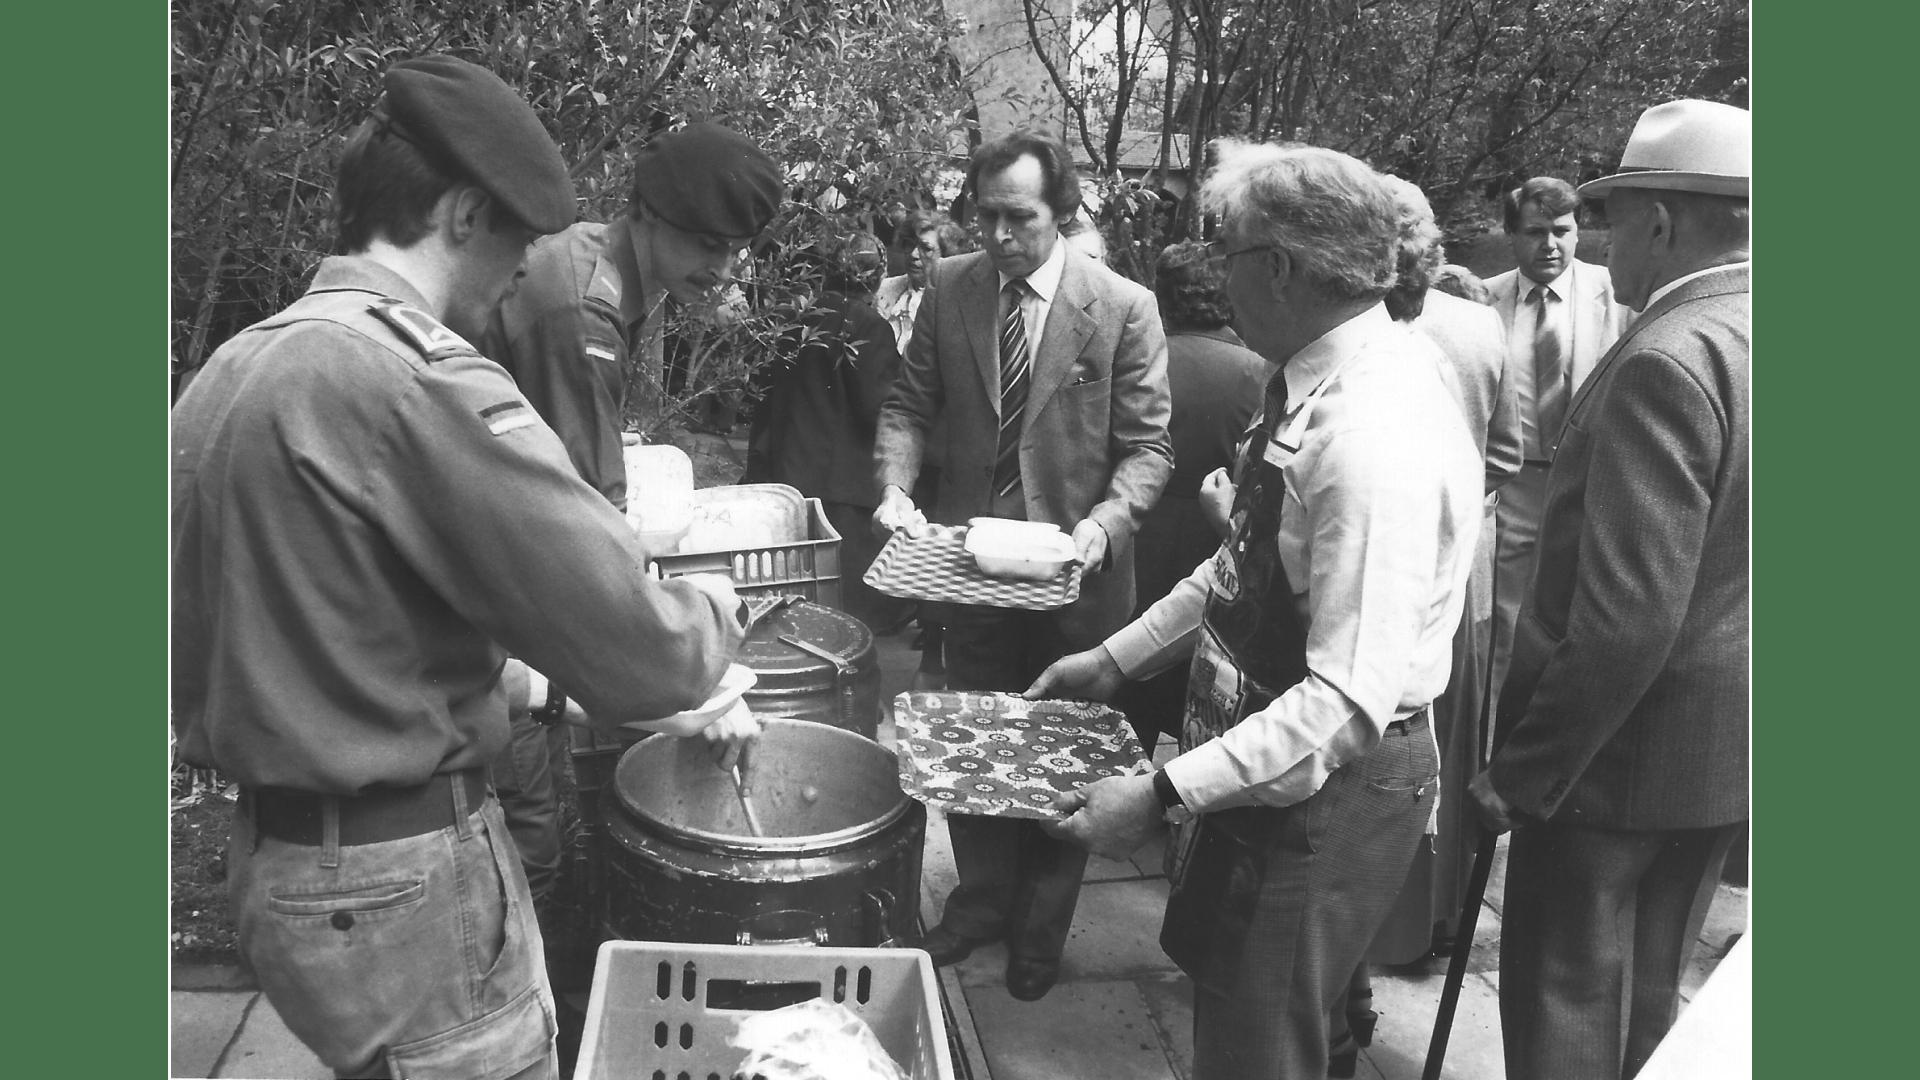 Verpflegung im Klostergarten durch die Bundeswehr Christ Himmelfahrt 1983- Foto: Archiv Arme Schulschwestern